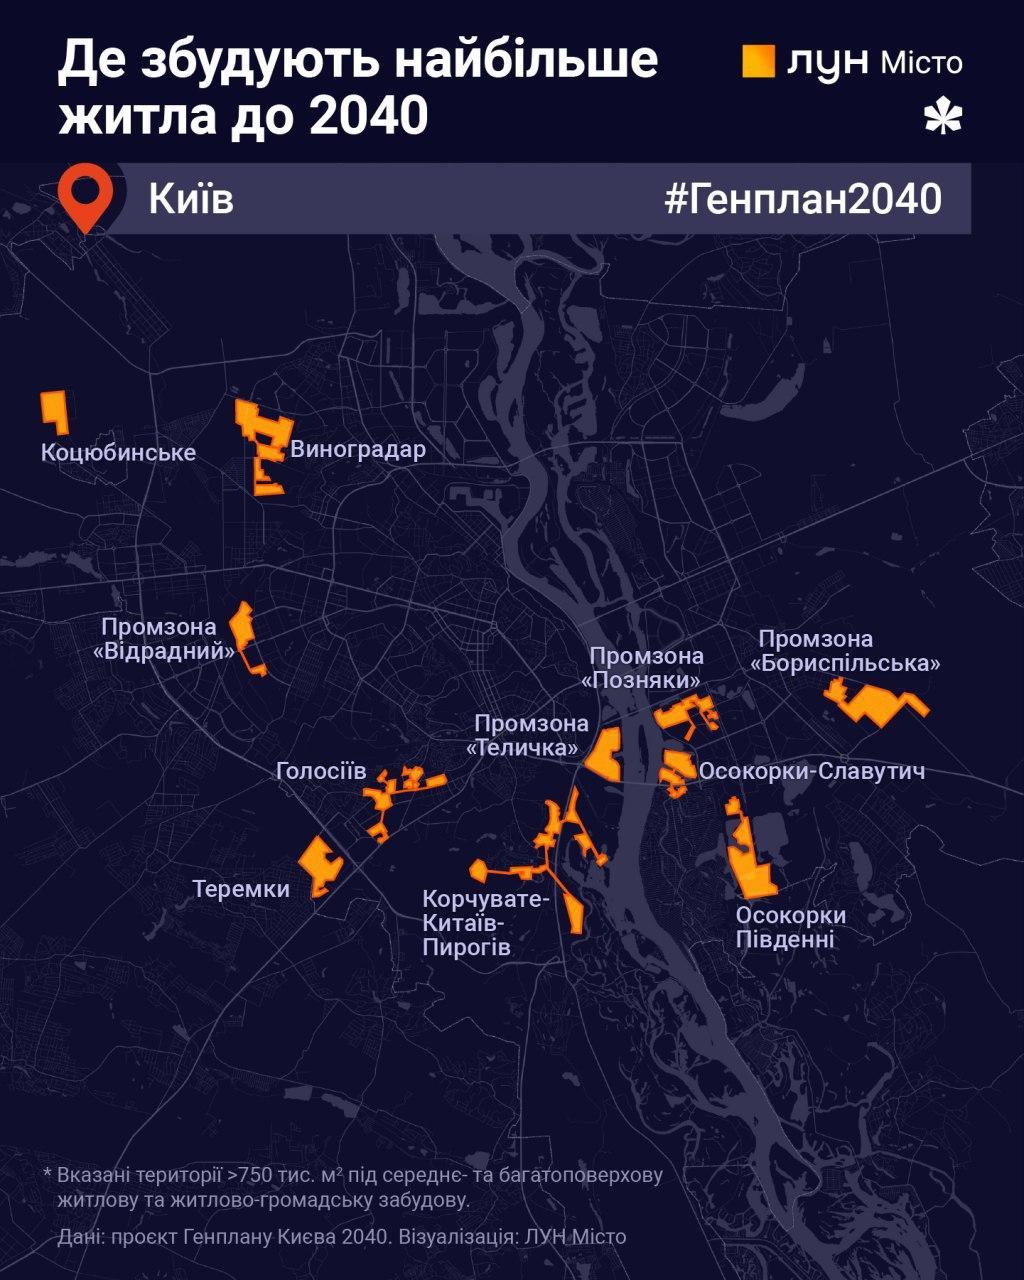 Карта строительства жилих домов в городе Киев